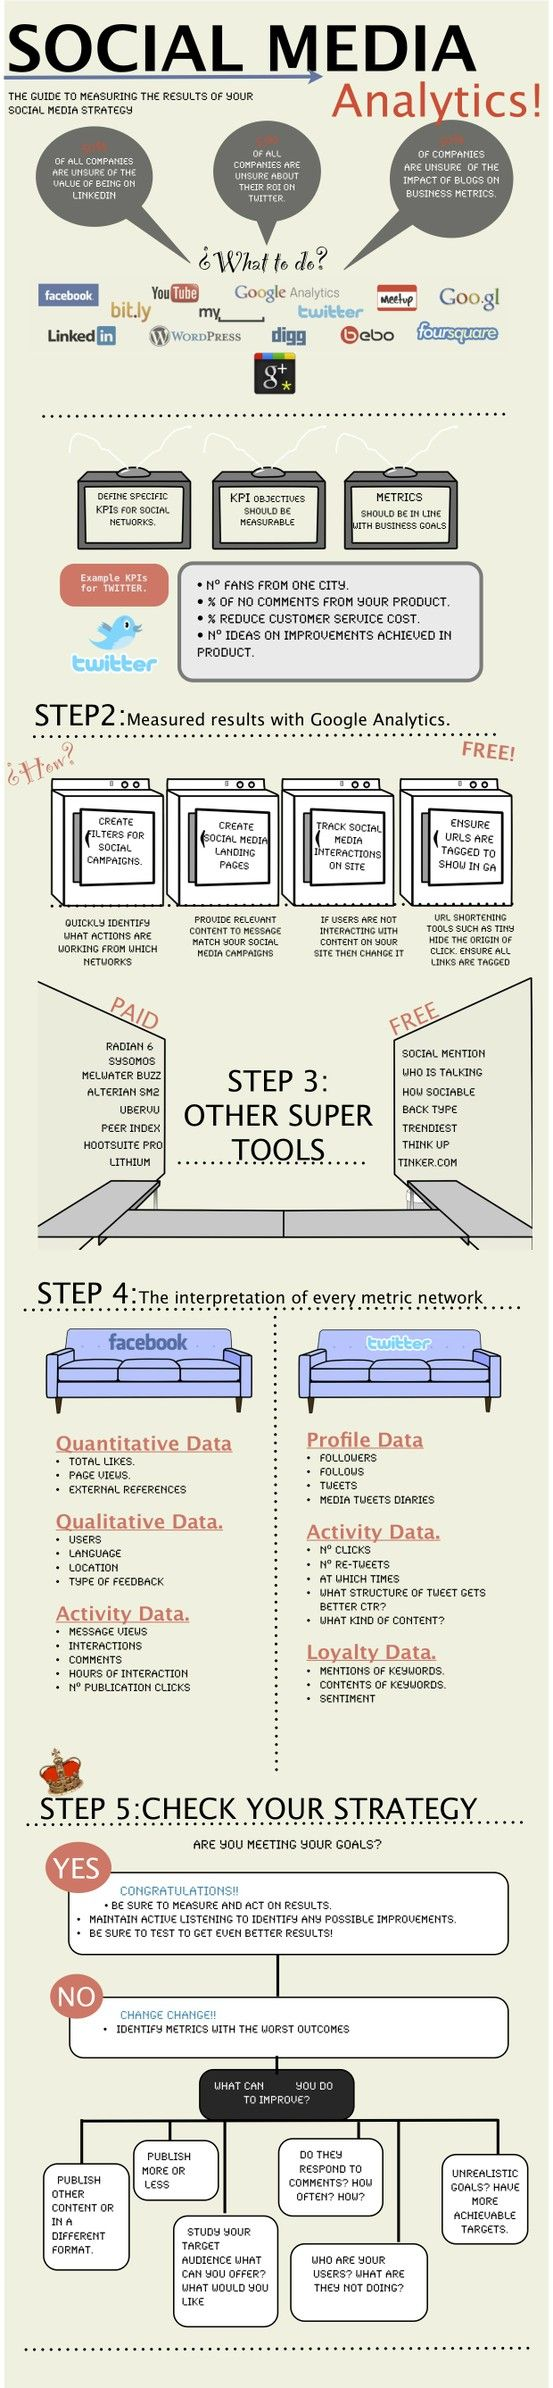 #SocialMedia Analytics: Guía para medir el ROI de tu estrategia social #Infografía